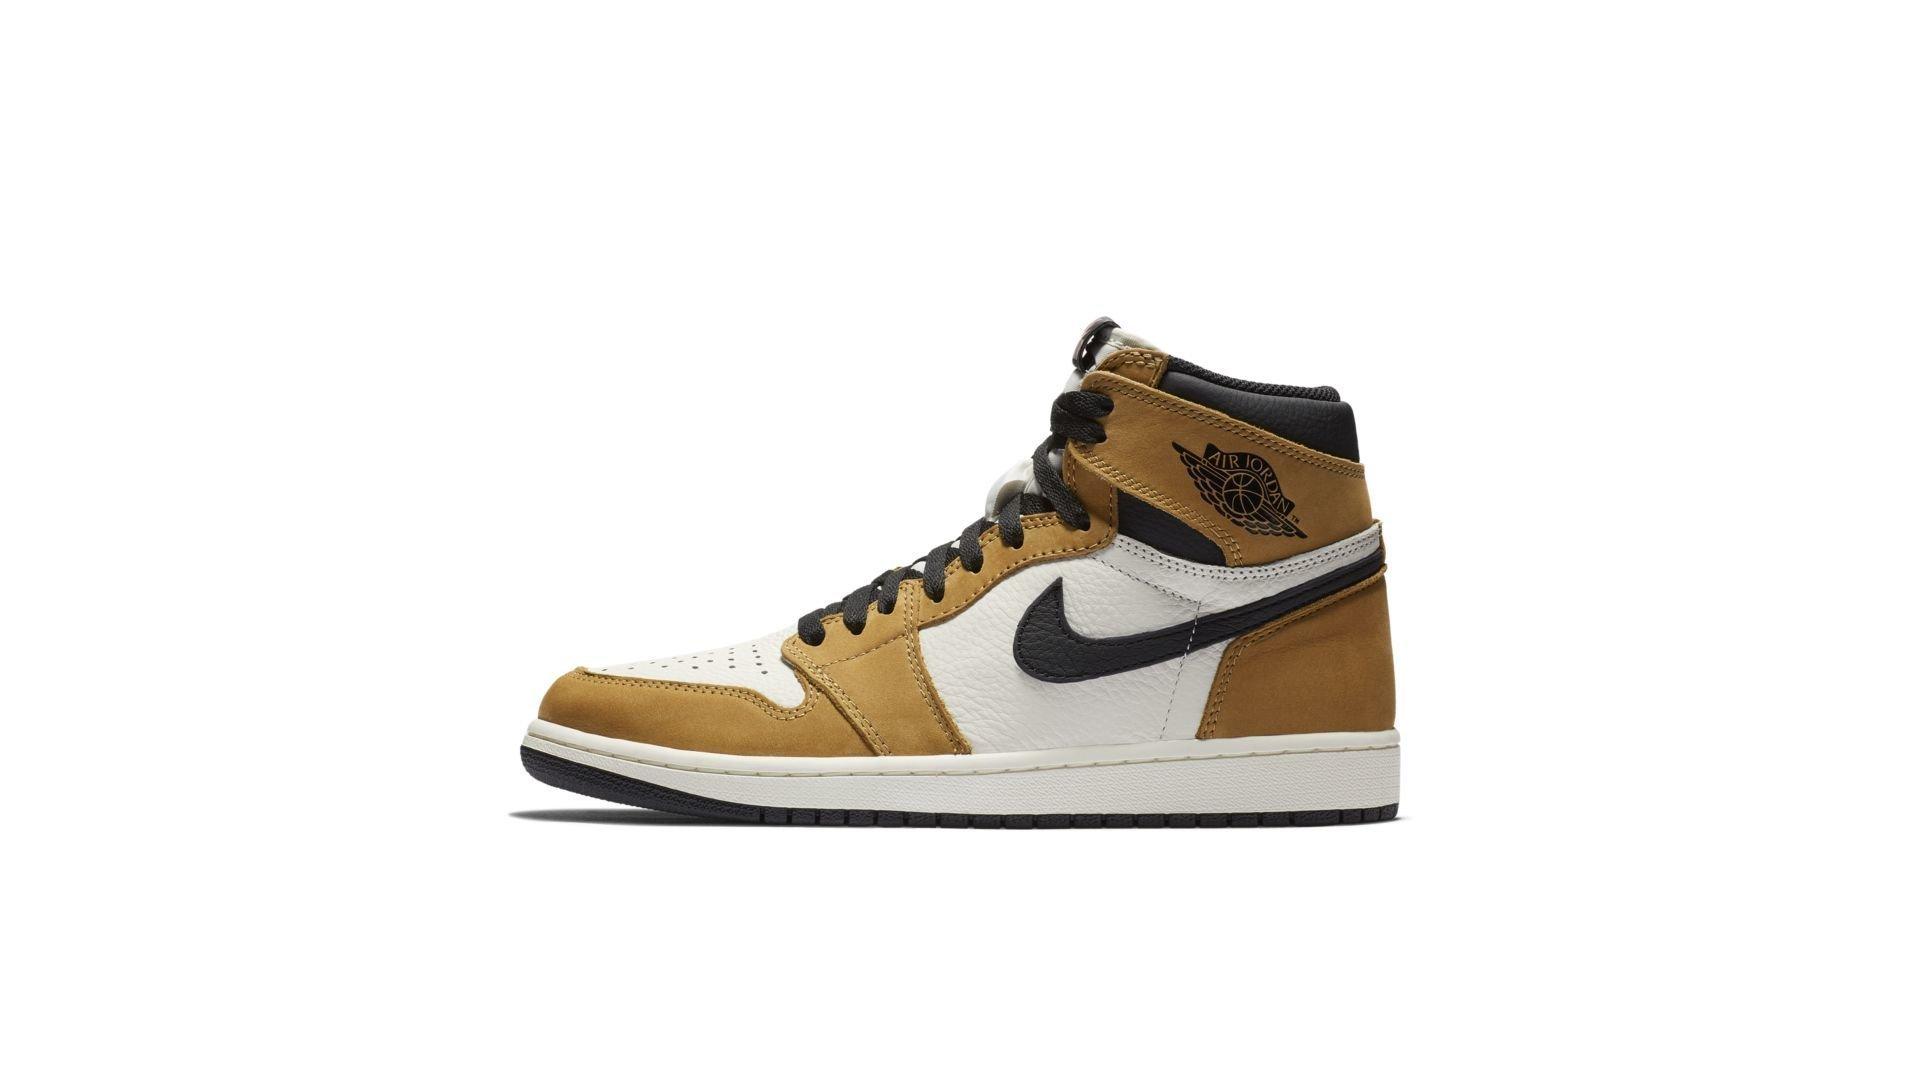 Air Jordan 1 555088-700